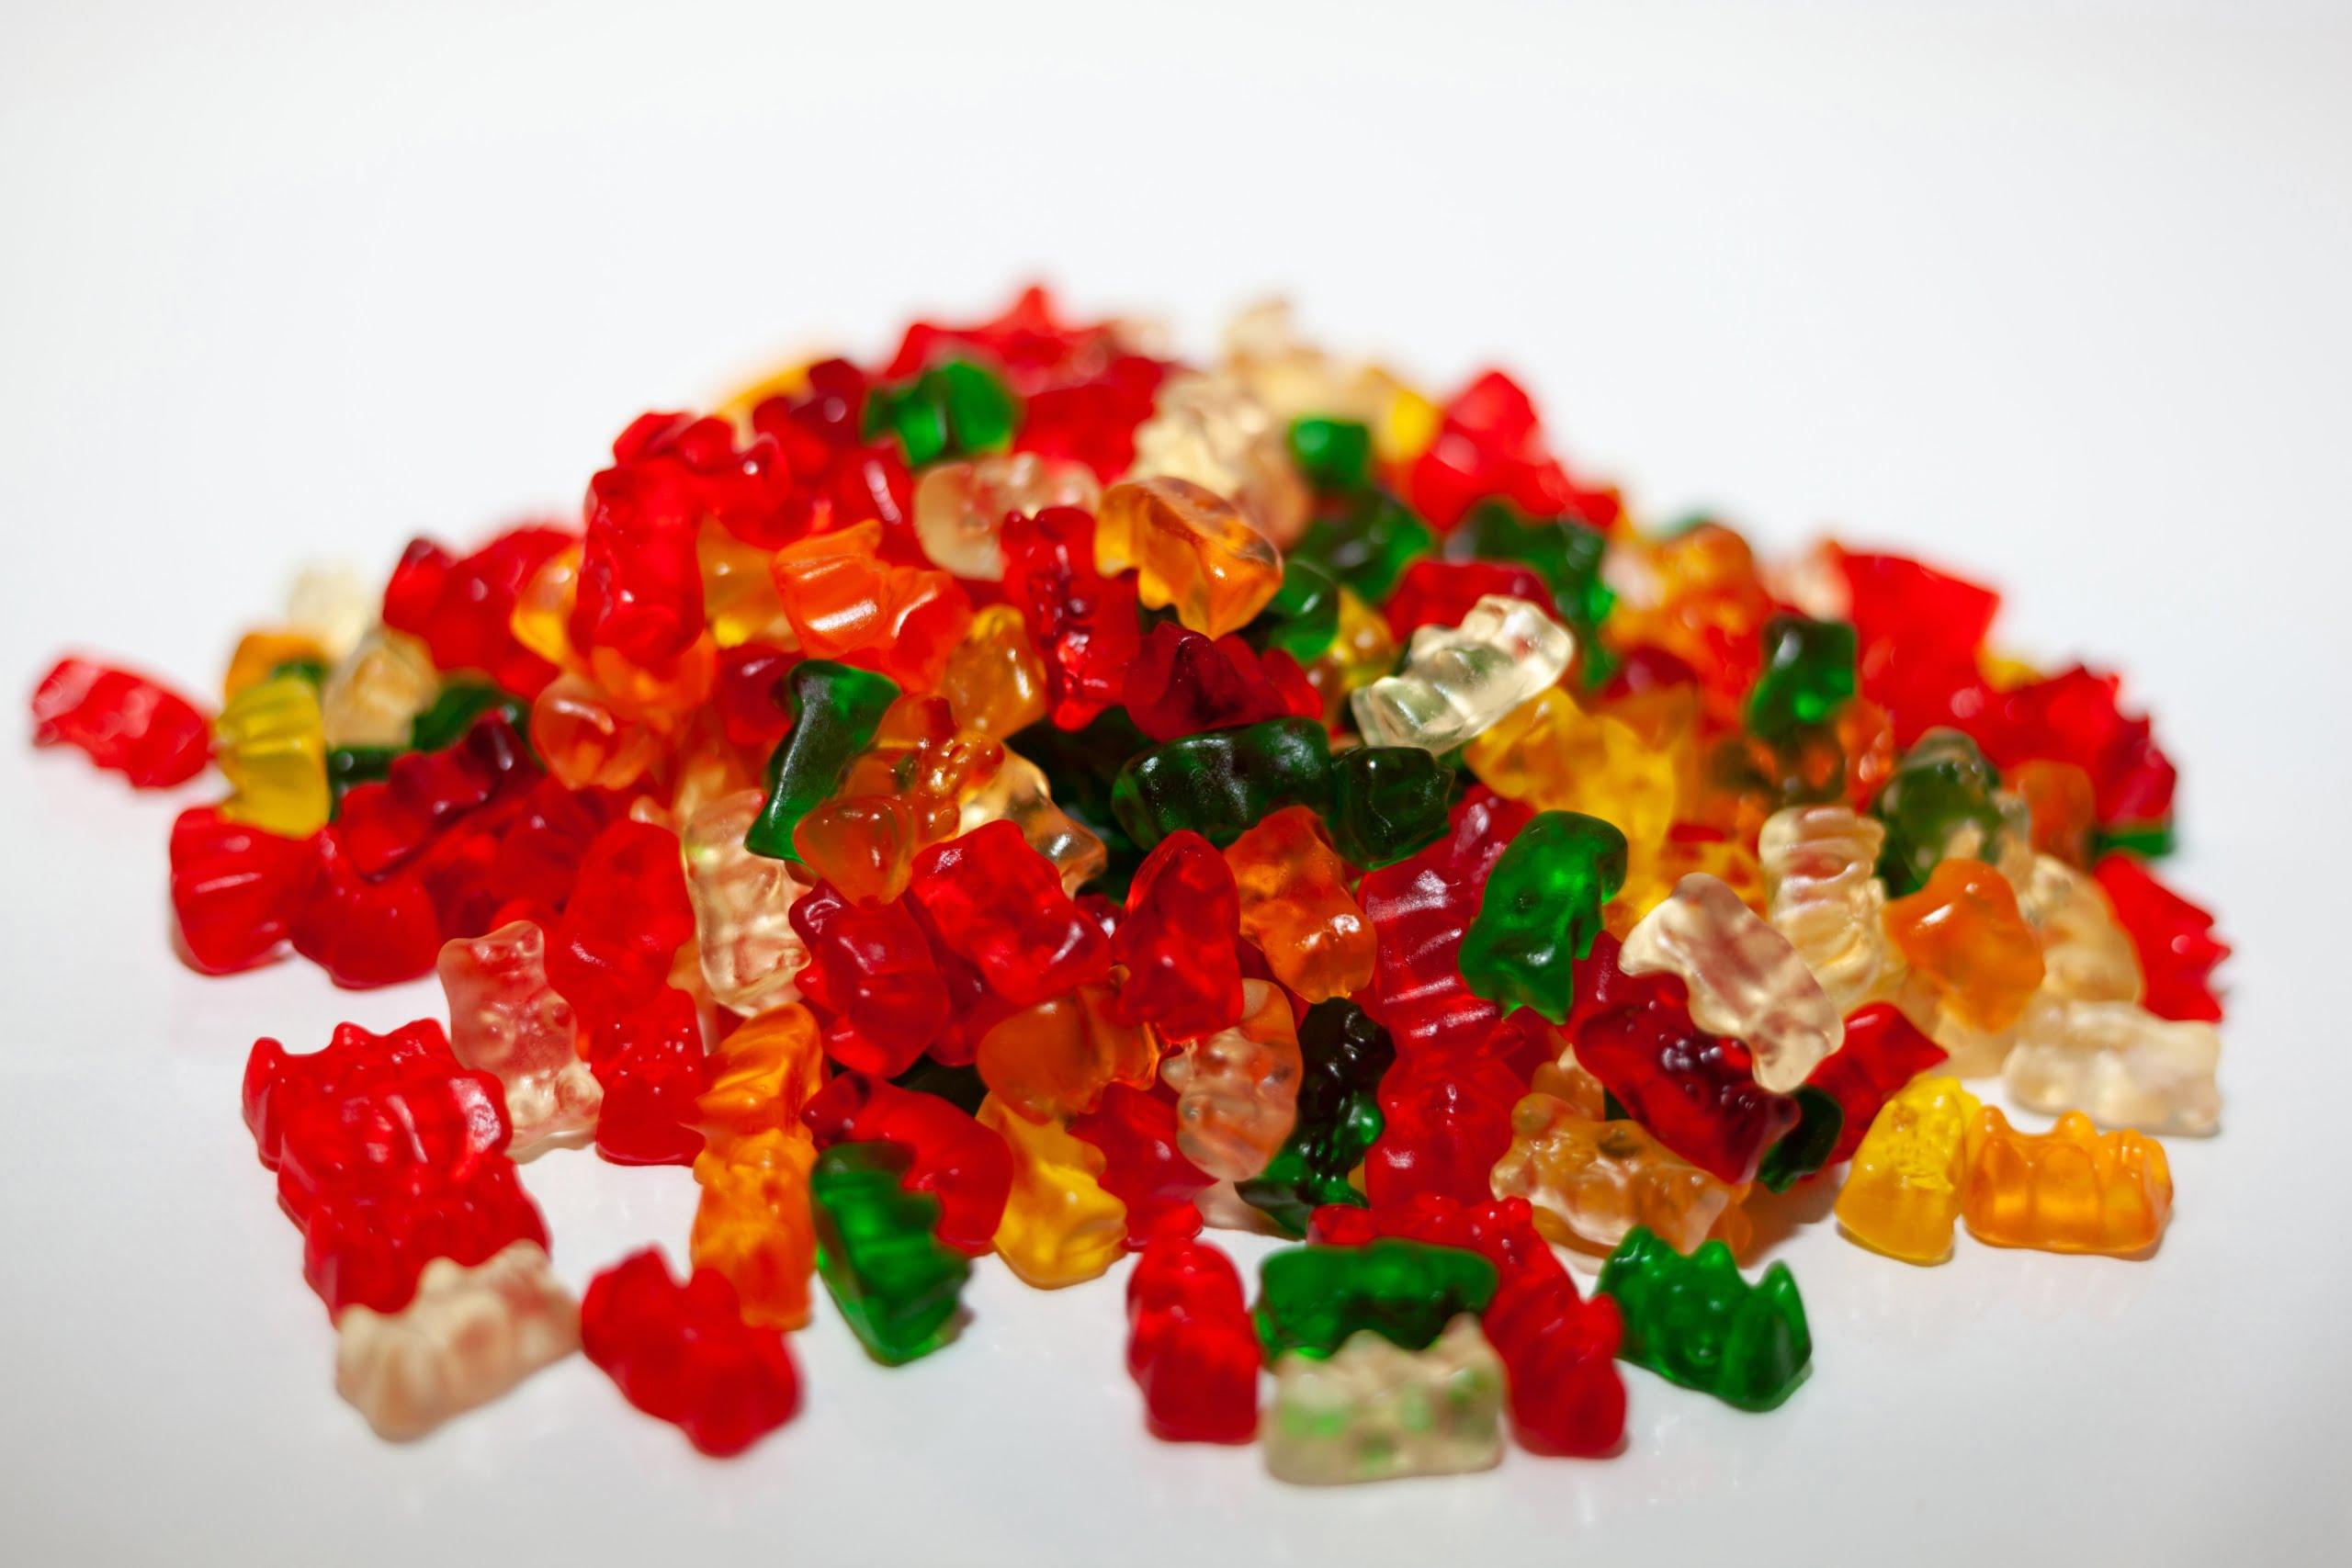 keto jelly bears